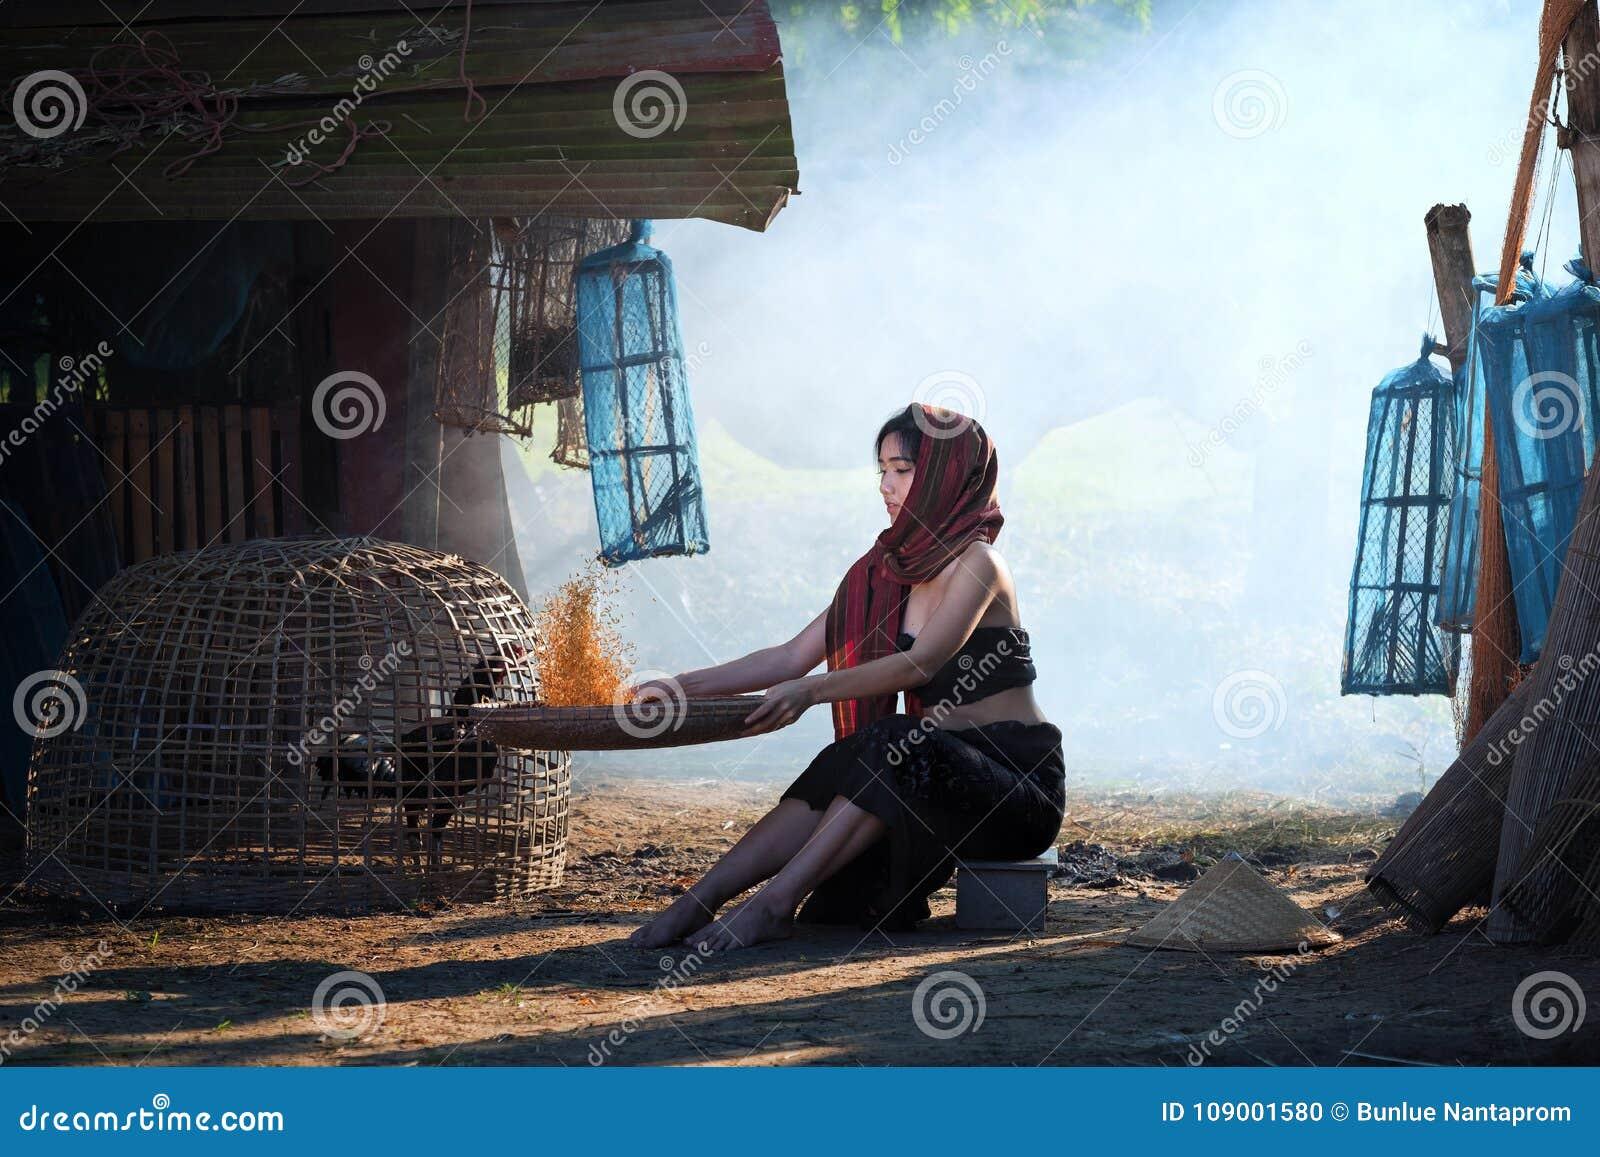 Styl życia wiejskie Azjatyckie kobiety w śródpolnej wsi Thailand